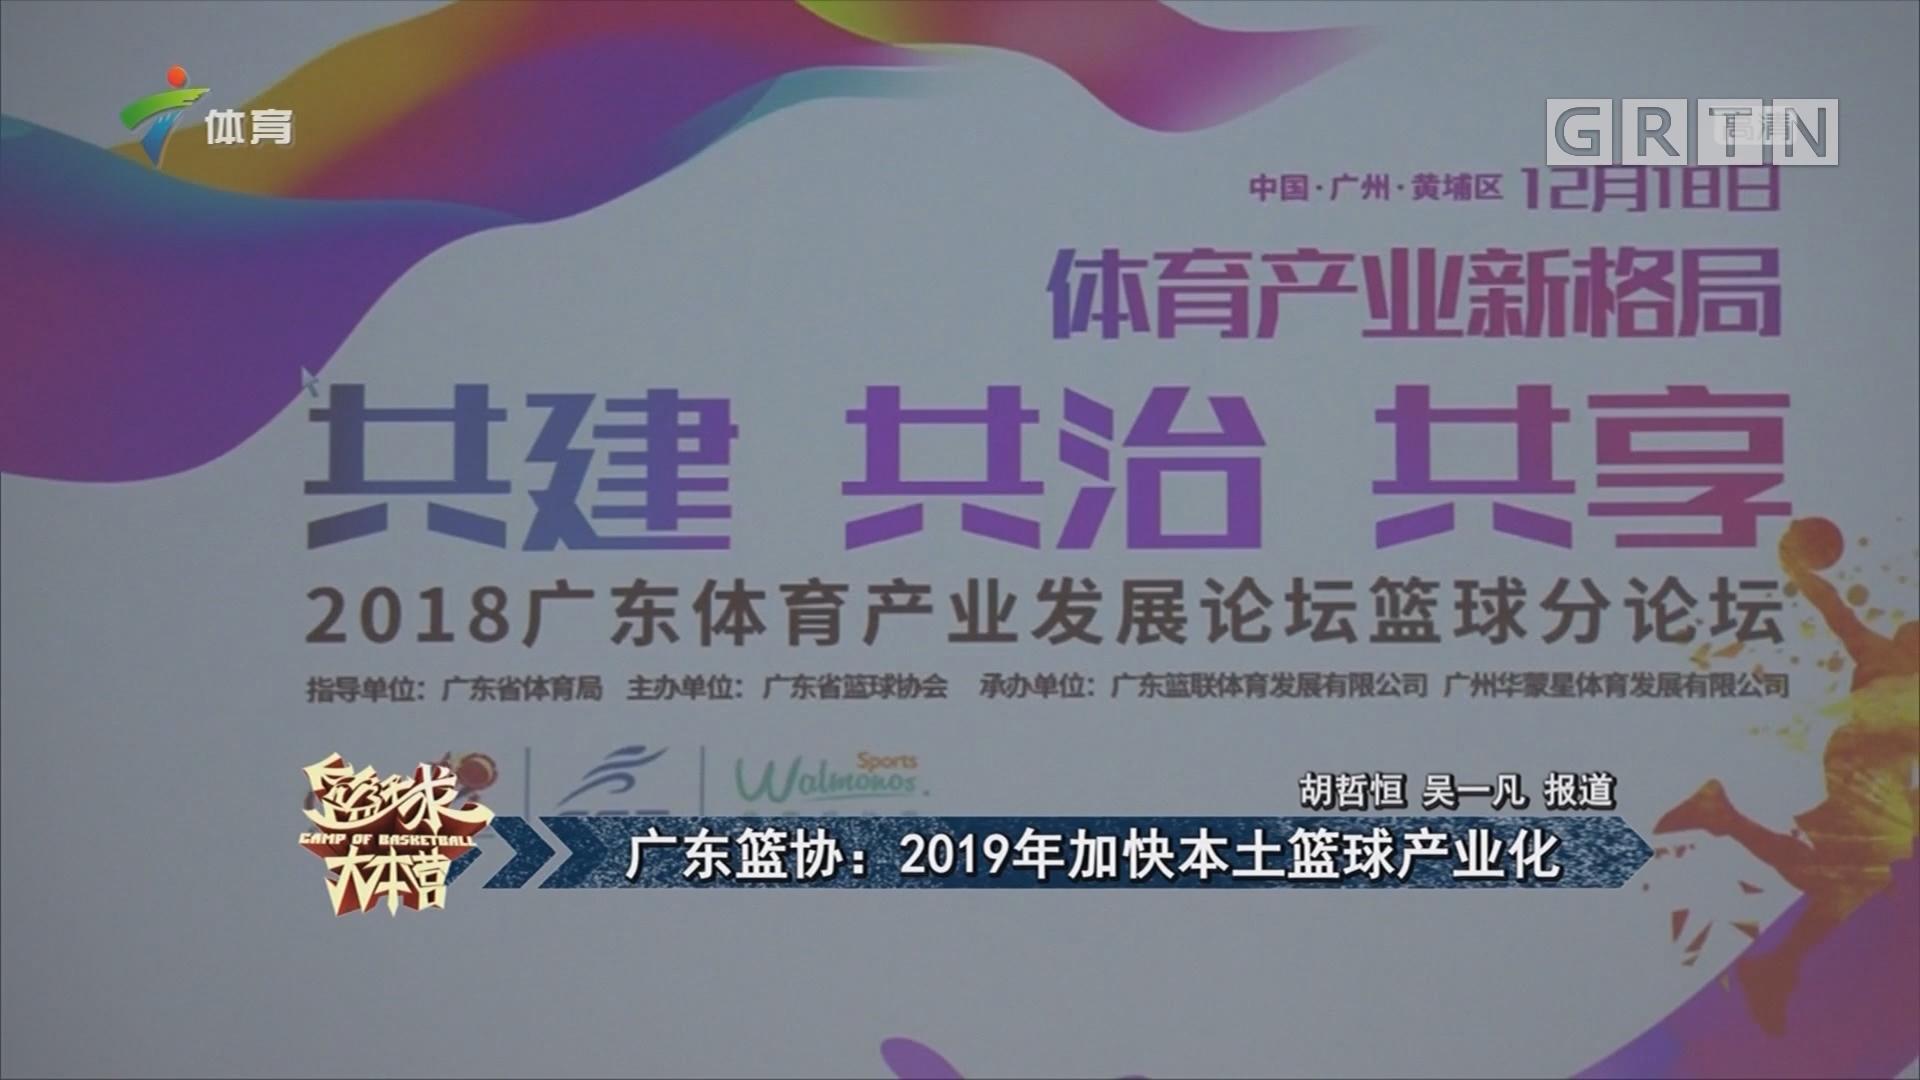 广东篮协:2019年加快本土篮球产业化